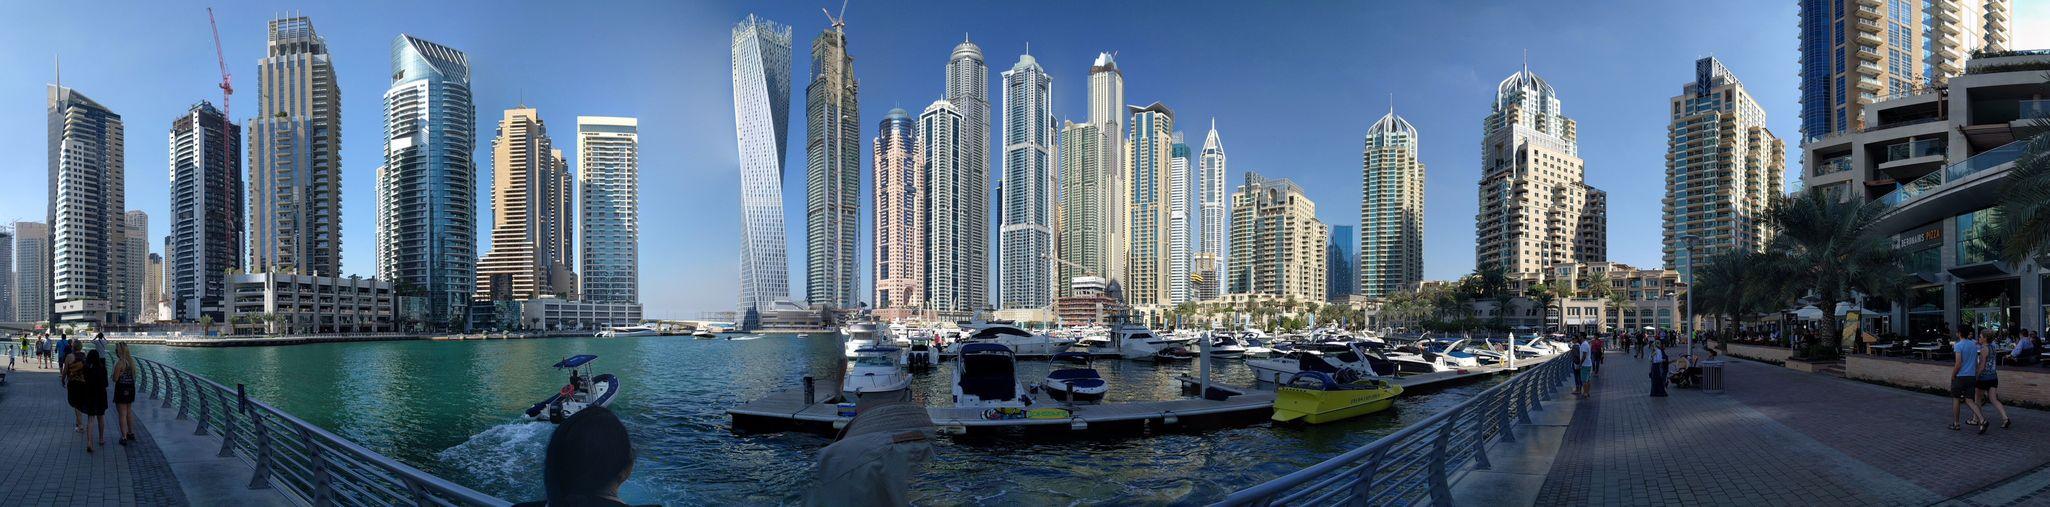 Paroramica  Dubai Skyline Holidays ☀ City Sky Rascacielos Espectacular